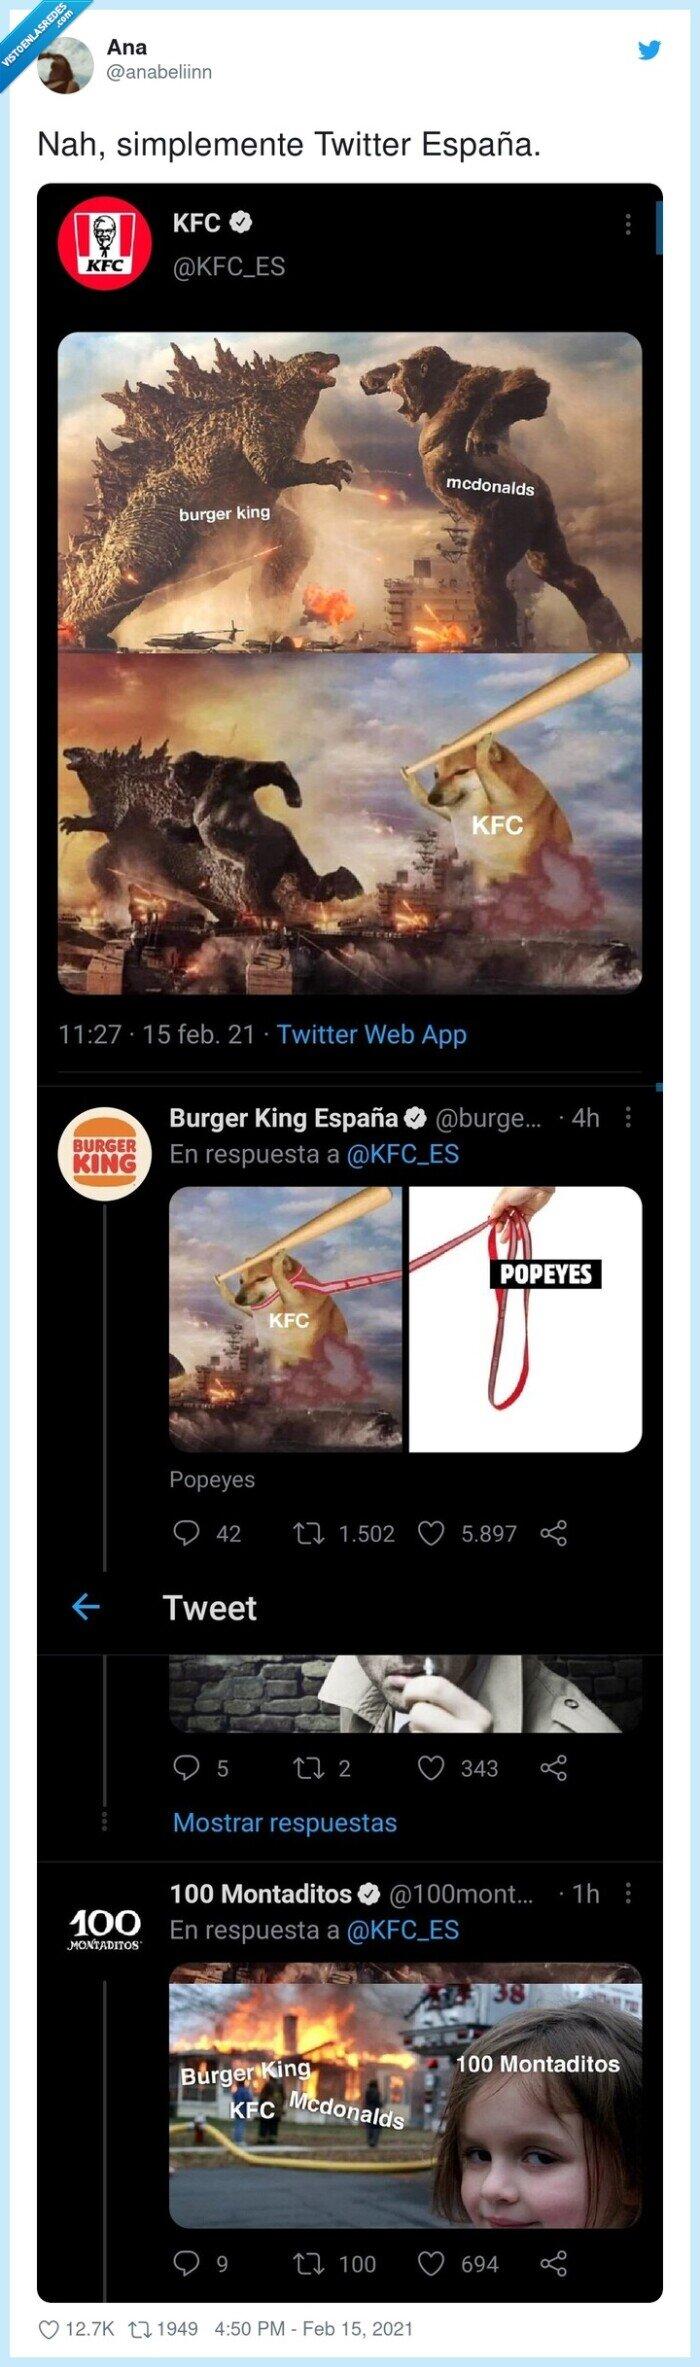 815227 - La lucha en Twitter entre las cadenas de fastfood la ha ganado 100 montaditos, por @anabeliinn